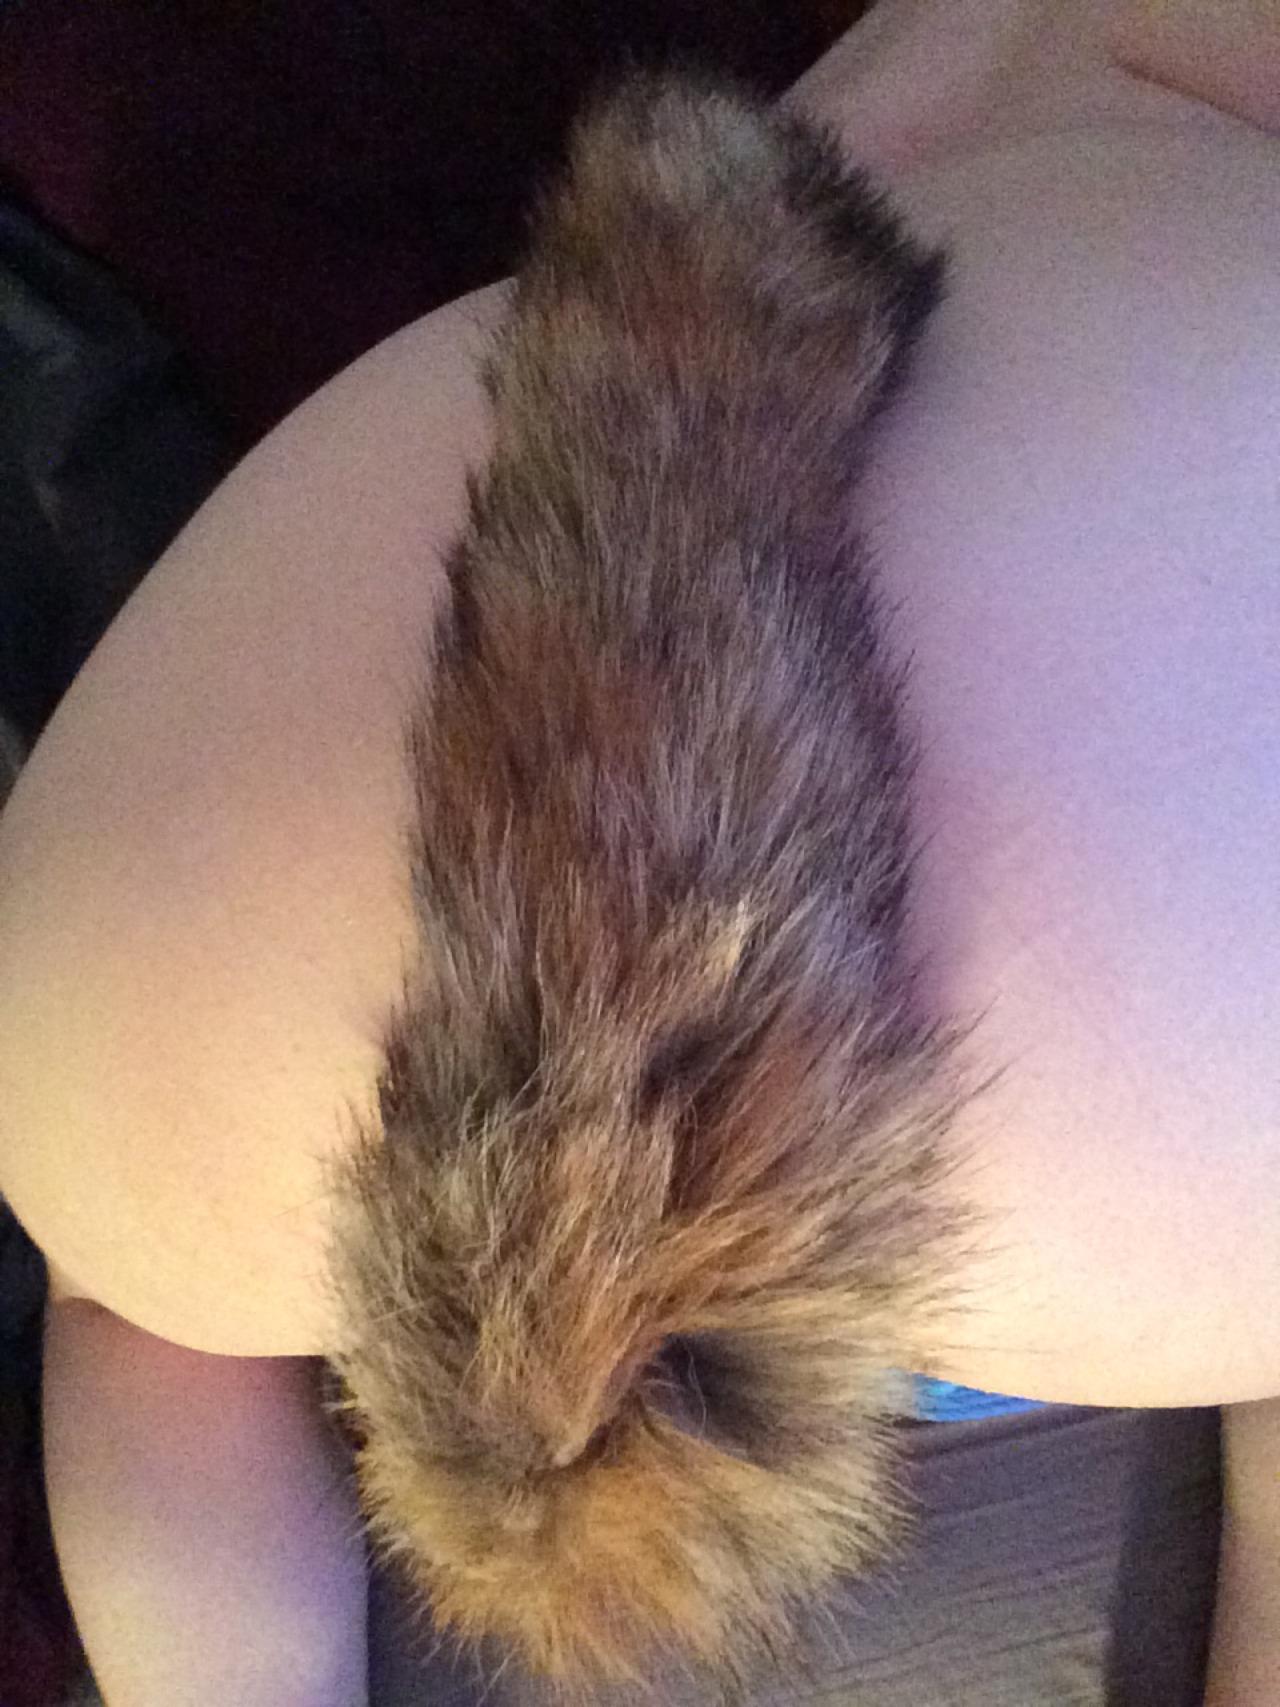 【尻尾エロ画像】ペットになり切るためにお尻を…アナルで尻尾装着したお姉さん(*´Д`)